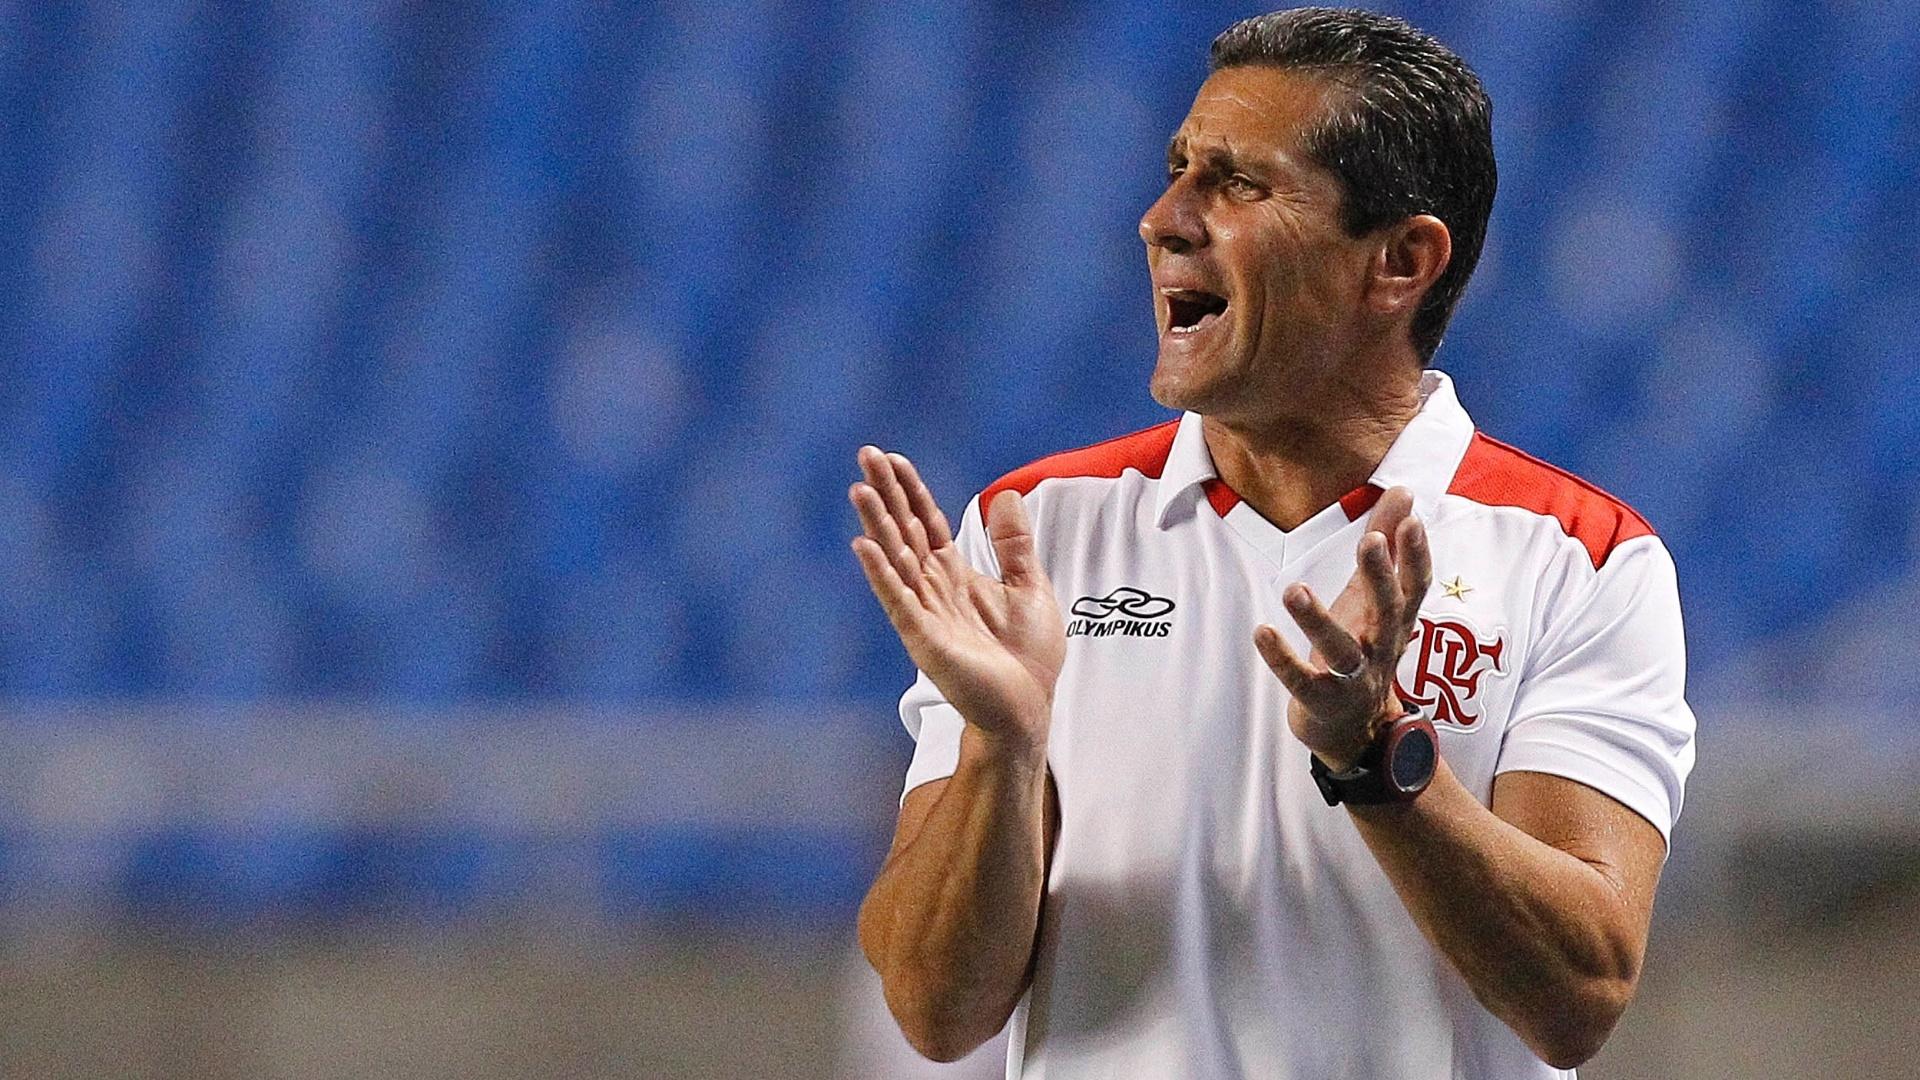 Jorginho estreia no Flamengo com um magro empate em 0 a 0 contra o Boa vista